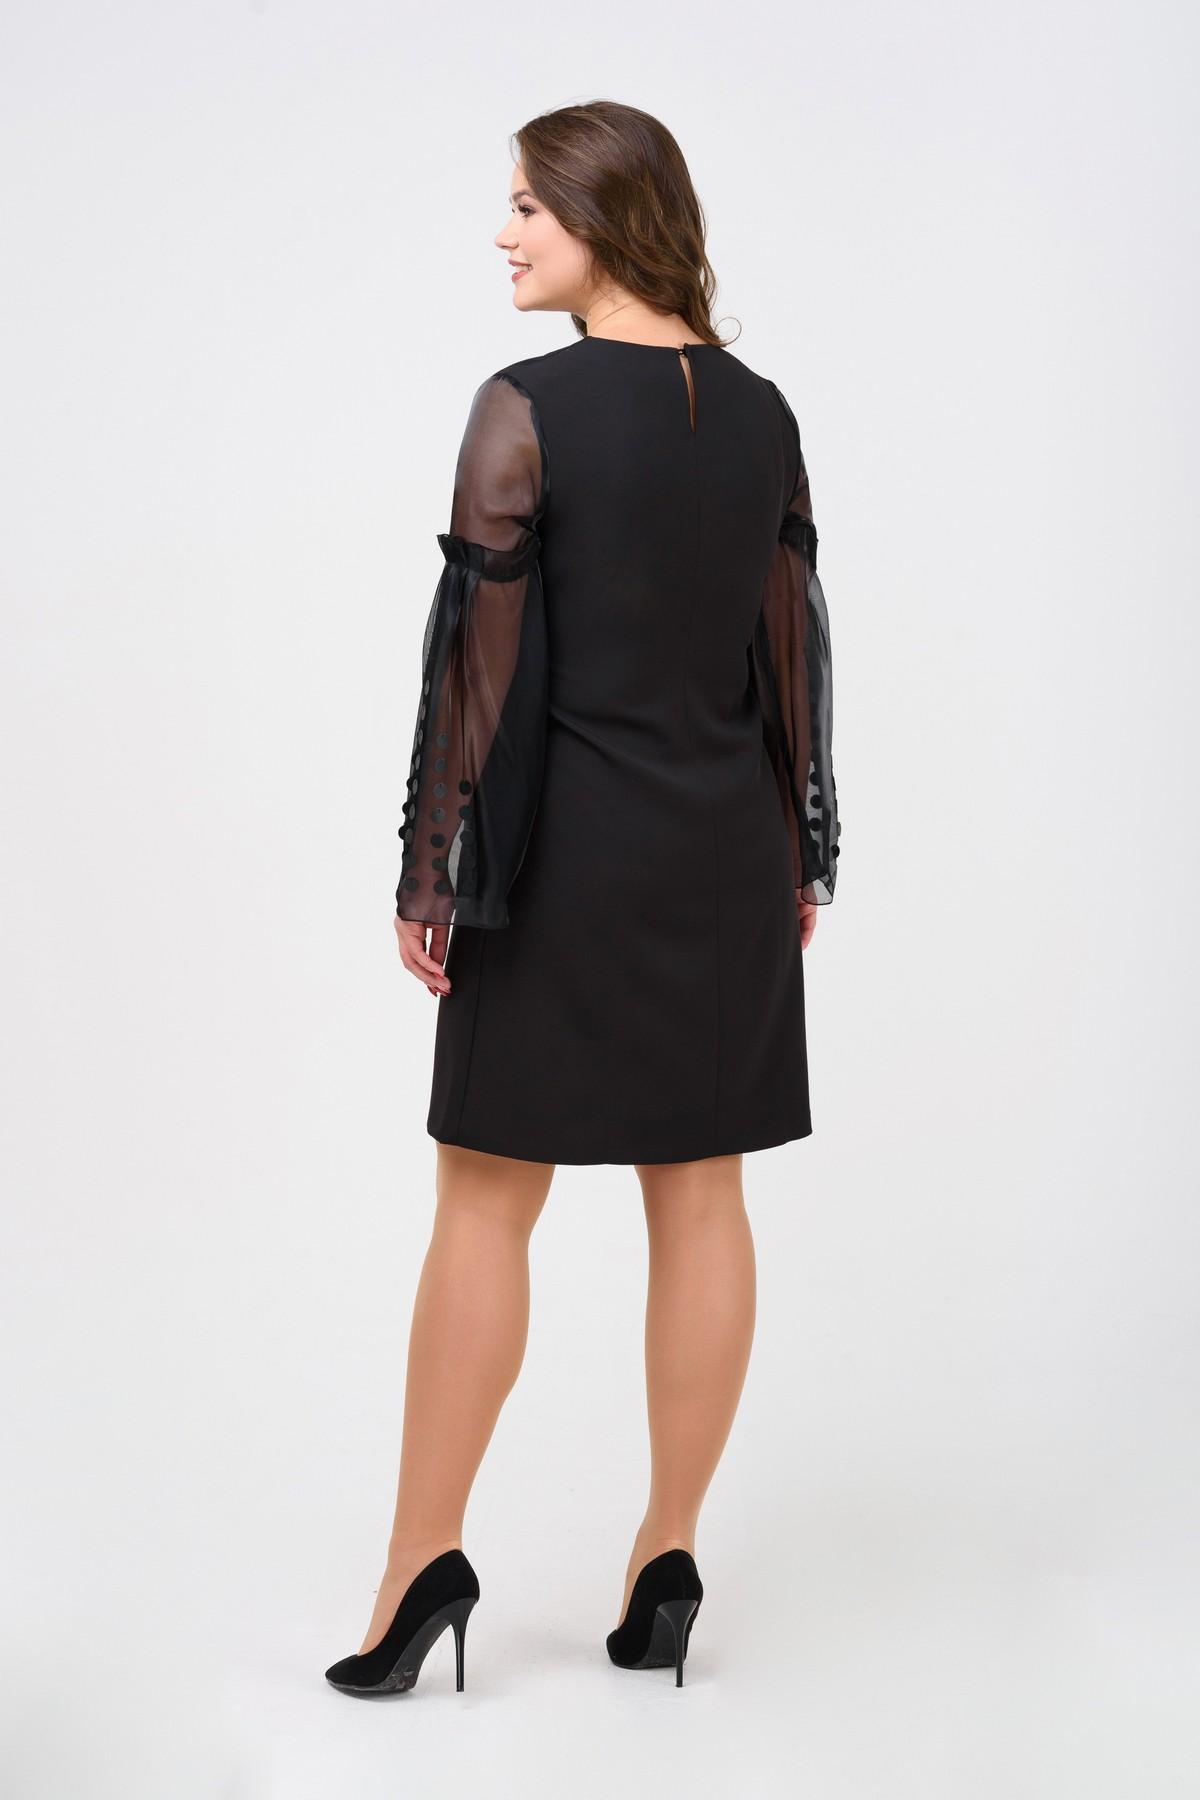 5b3c928b858 RM1244-B-18VC оптом. RM1244-B-18VC оптом. Классическое платье А-силуэта ...